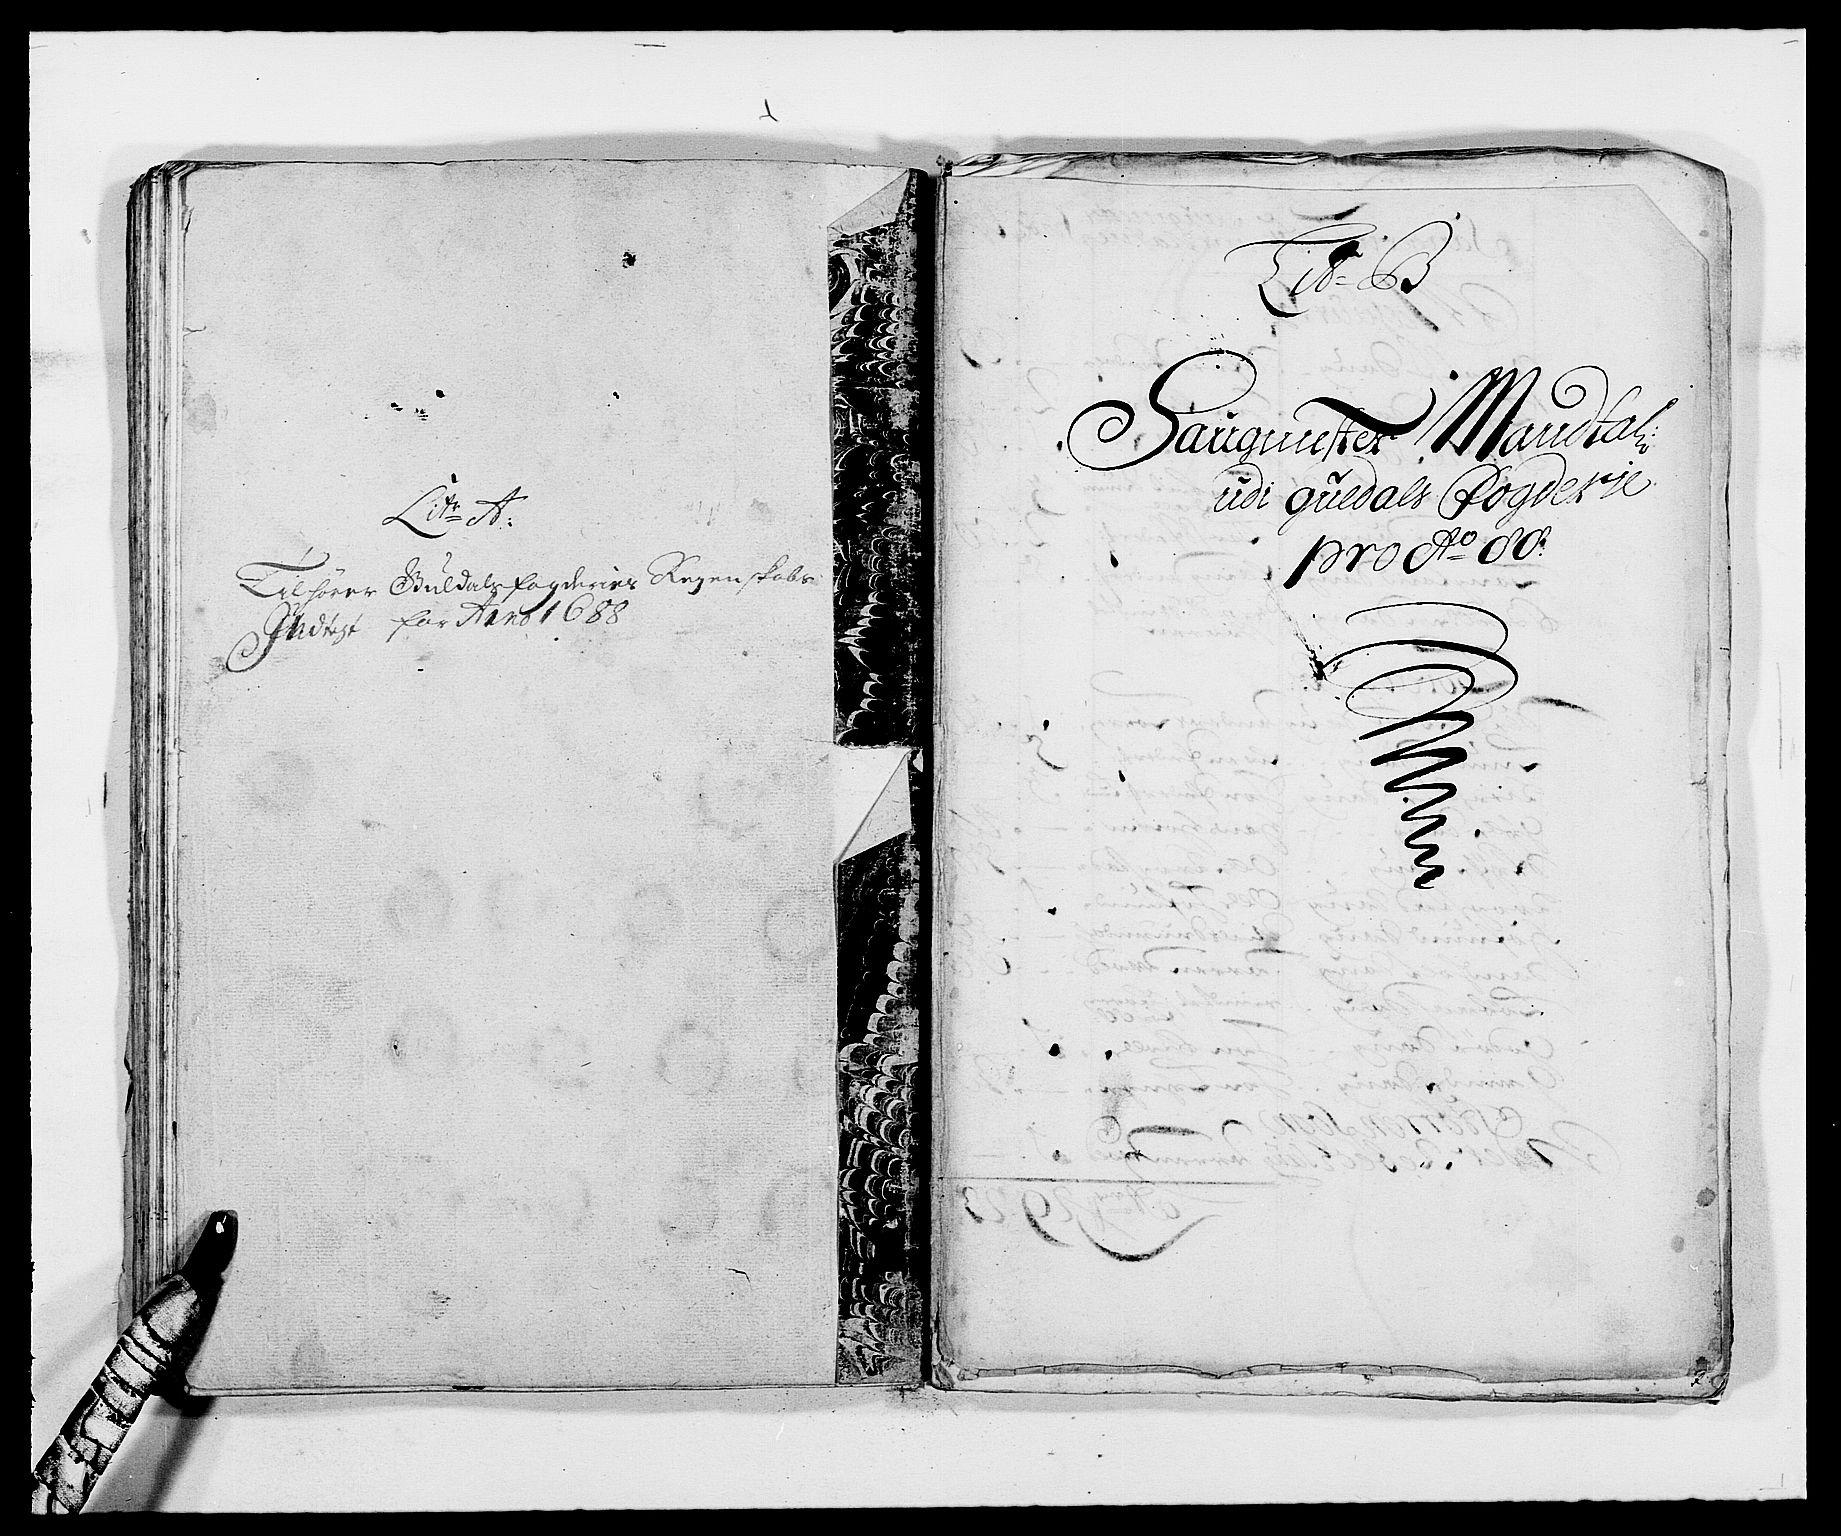 RA, Rentekammeret inntil 1814, Reviderte regnskaper, Fogderegnskap, R59/L3939: Fogderegnskap Gauldal, 1687-1688, s. 185